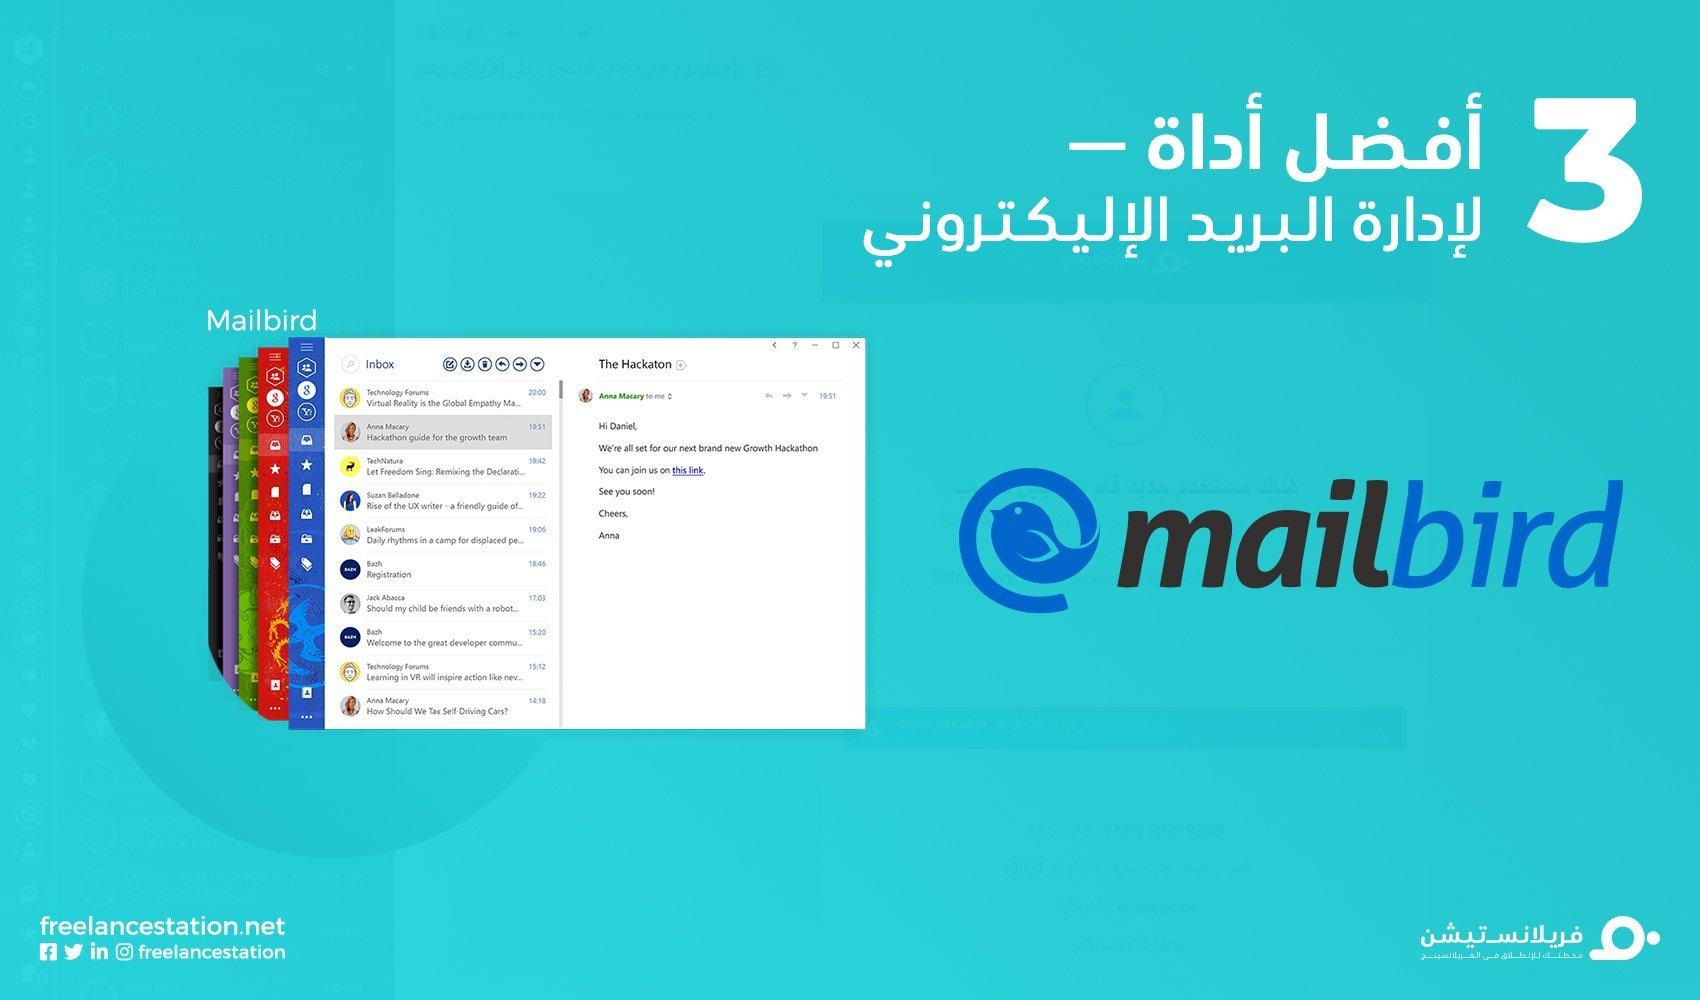 أفضل أداة لإدارة البريد الإليكتروني Mailbird